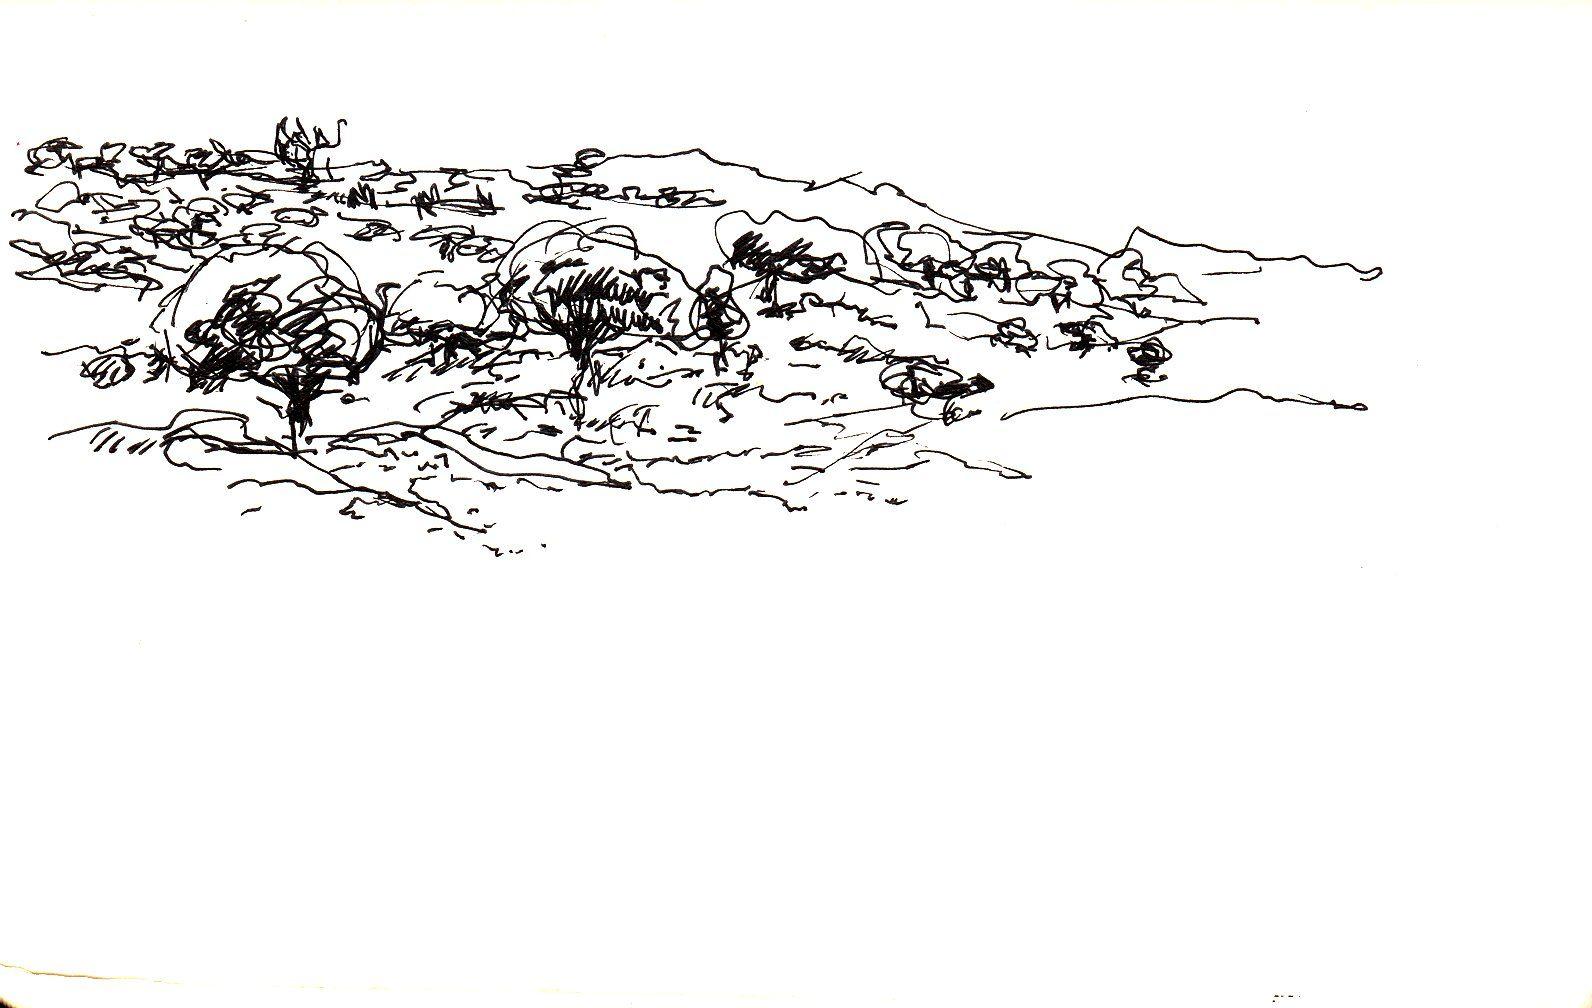 Campo De Caceres Dibujo A Boligrafo Y Tinta 14 X 9 Cms